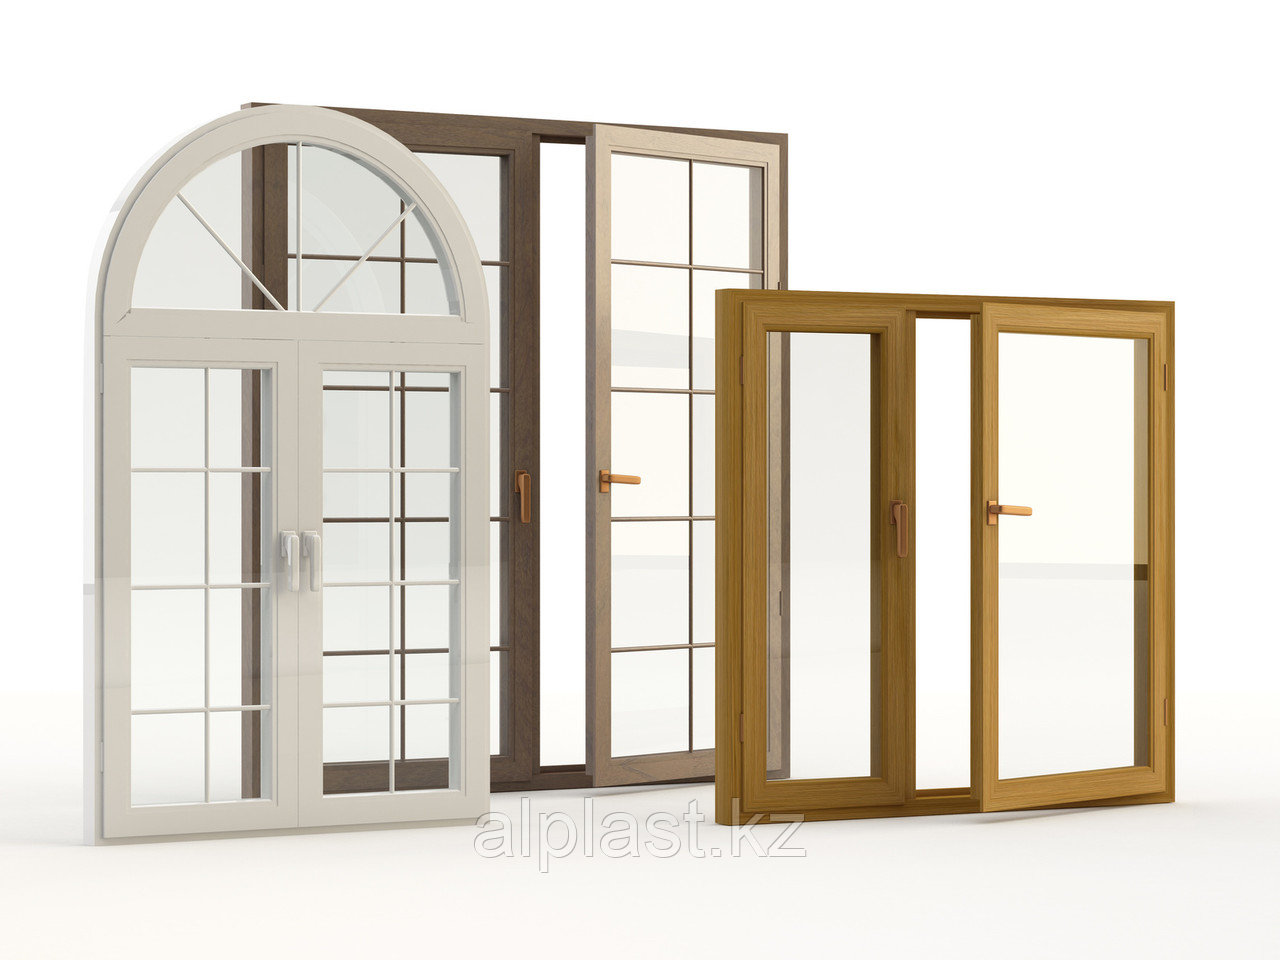 Арочные окна (металлопластиковые, пластиковые, ПВХ) - фото 2